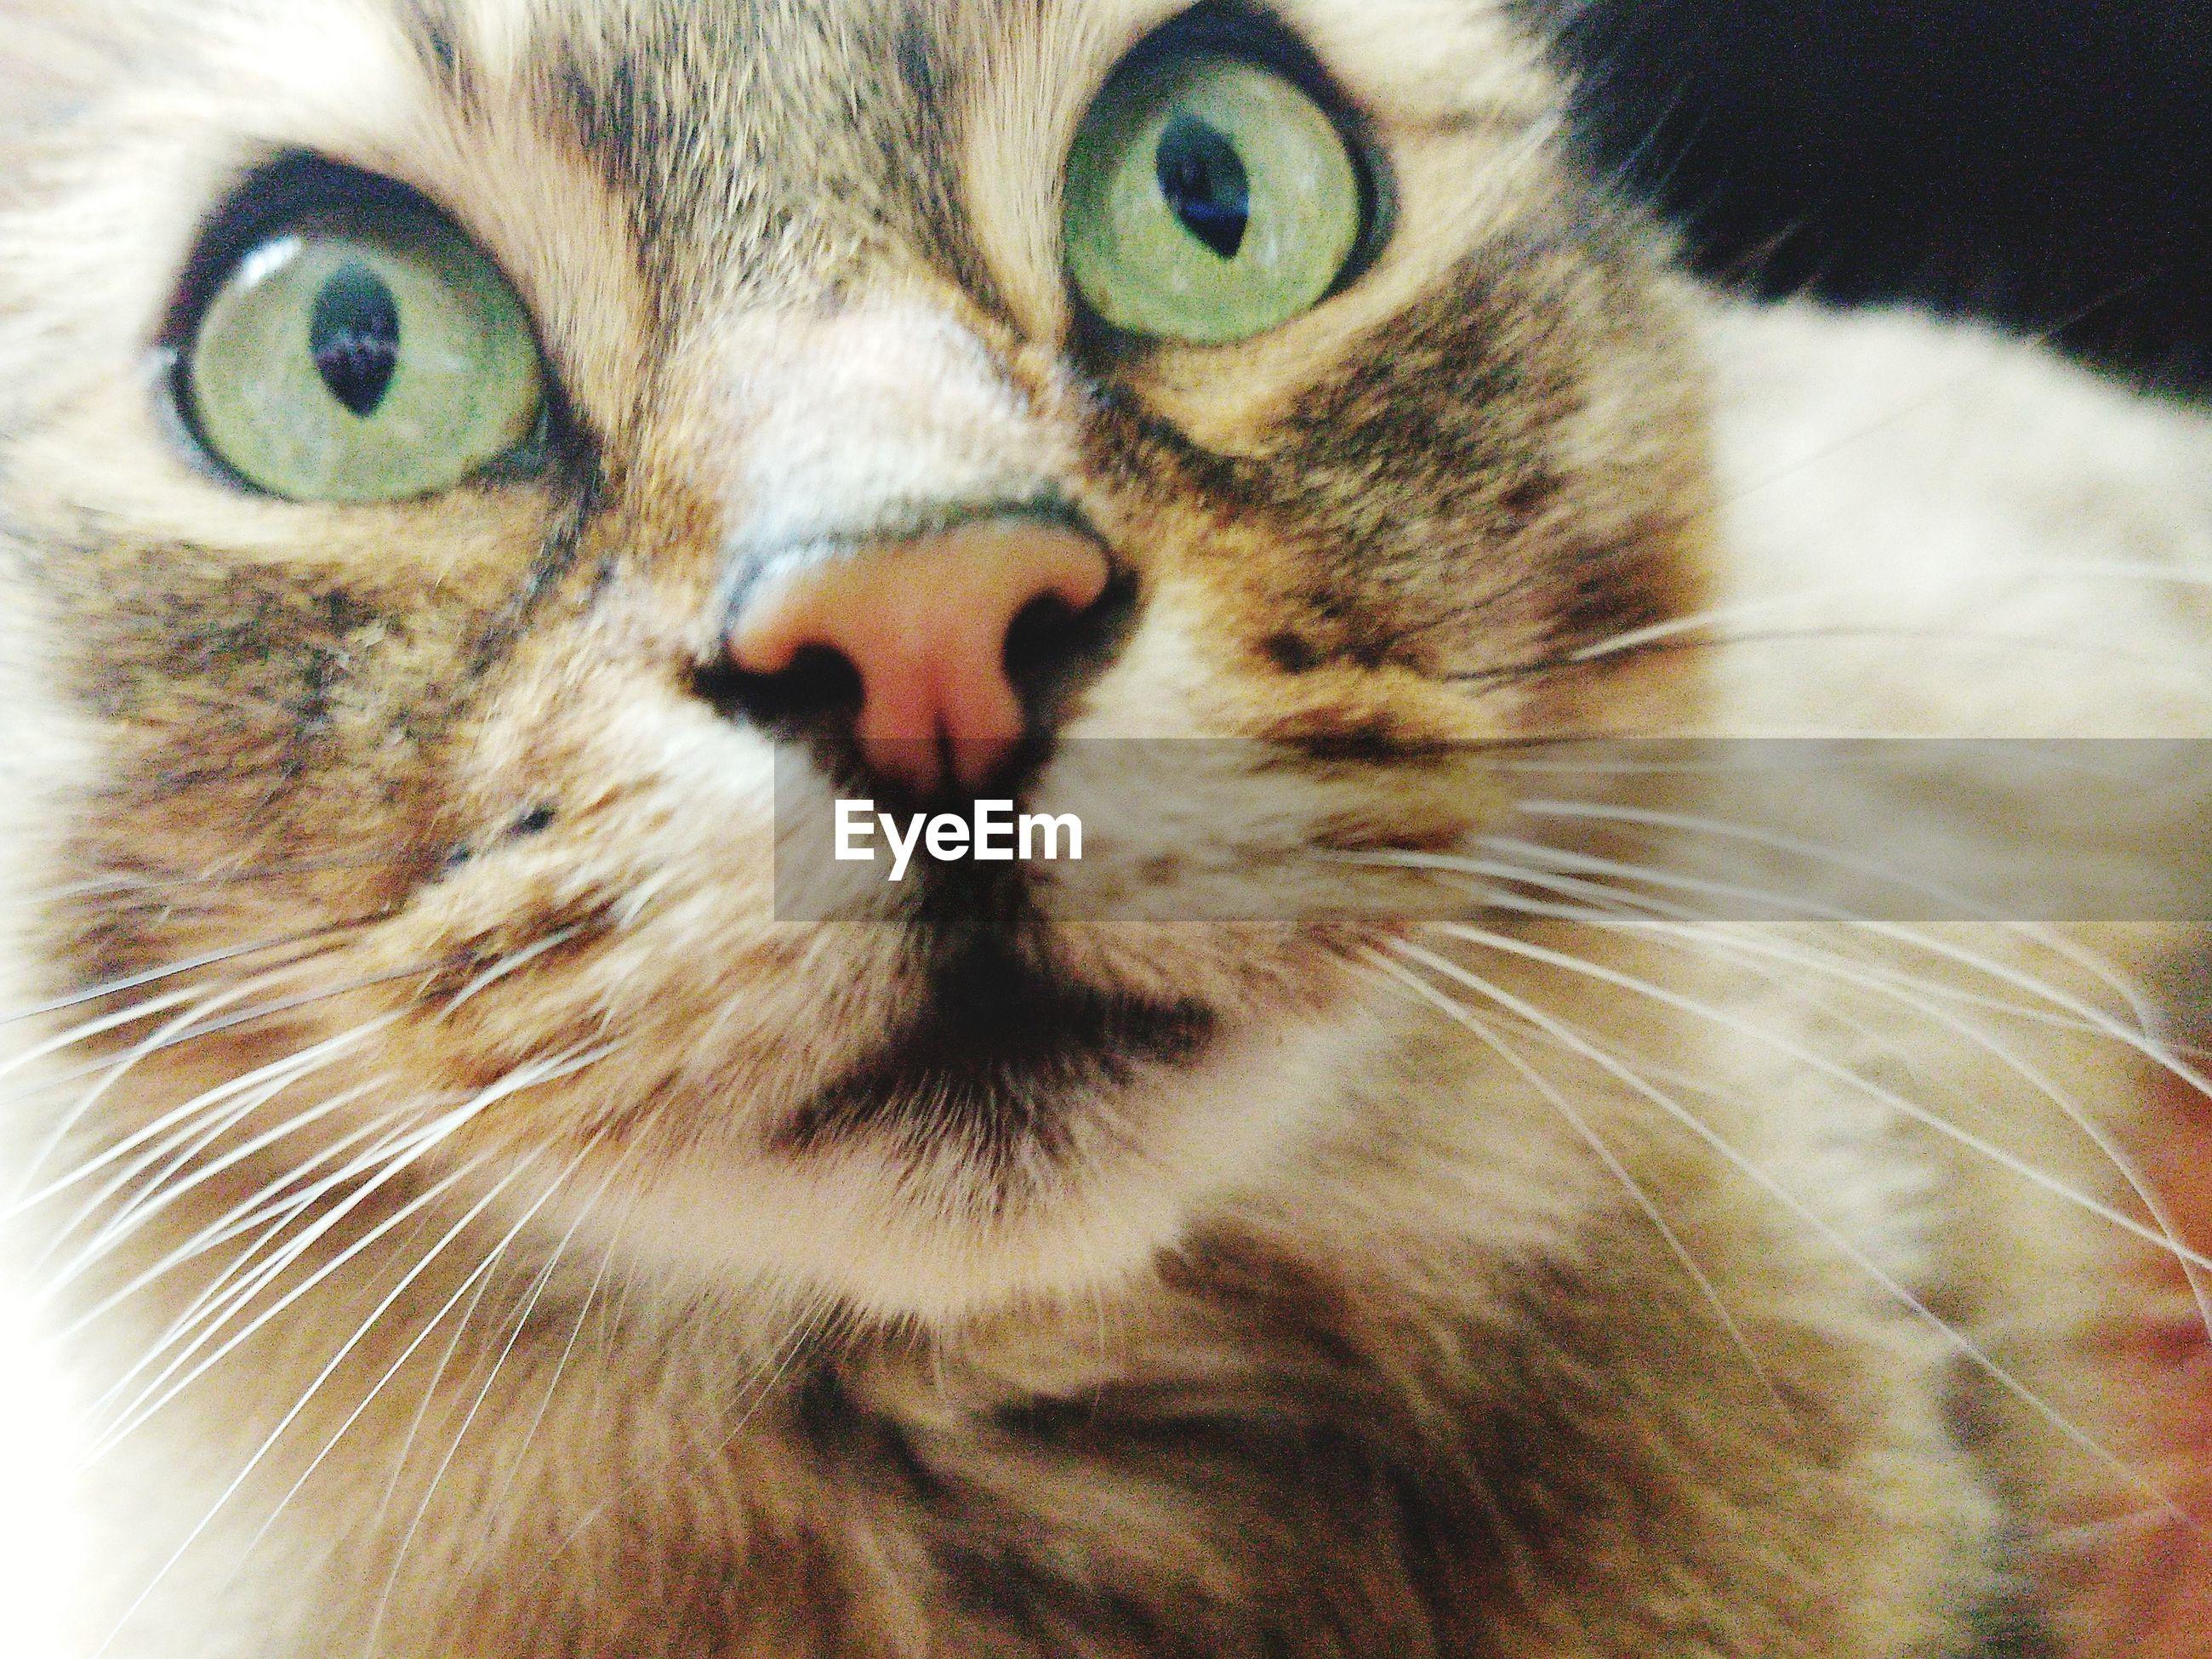 Cute close up tabby cat face